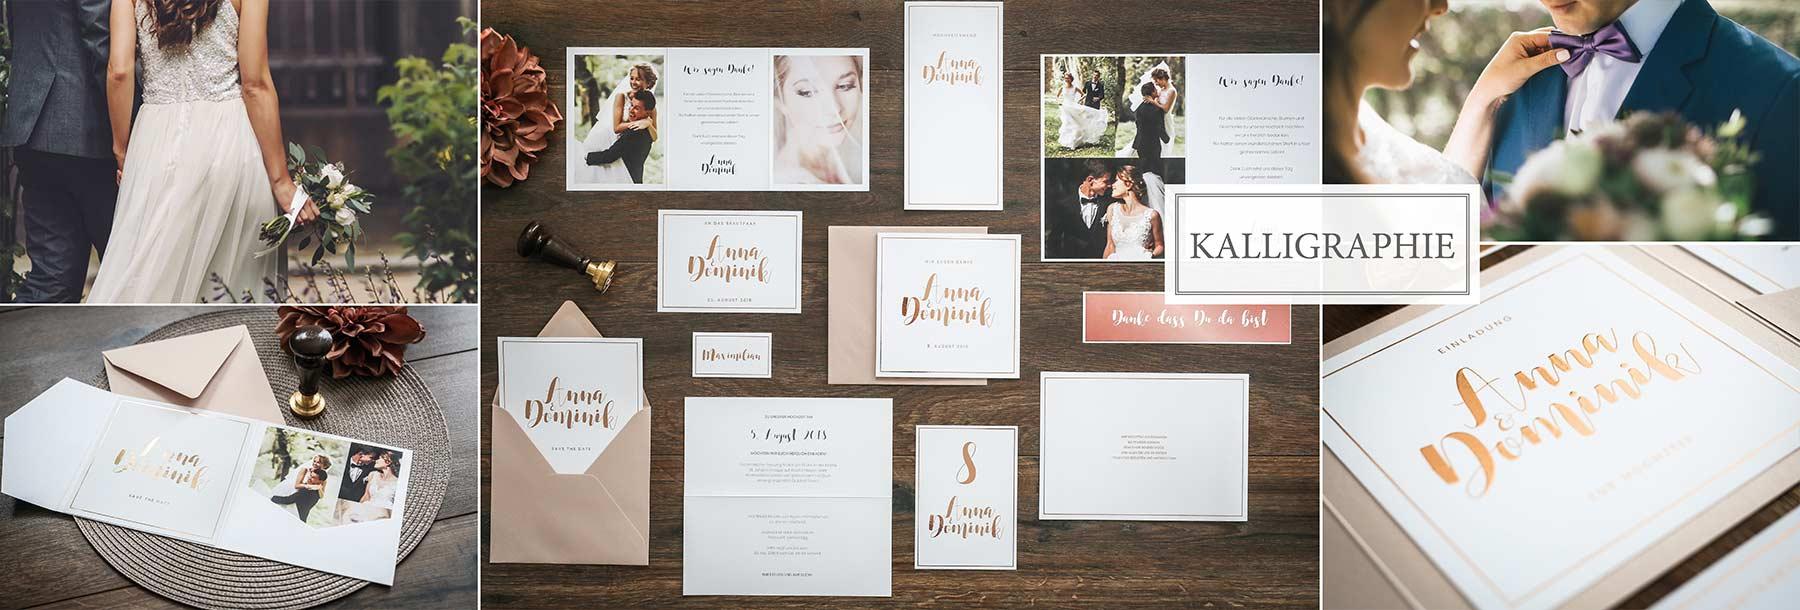 Hochzeitskarten mit Folienprägung und Kalligaphie